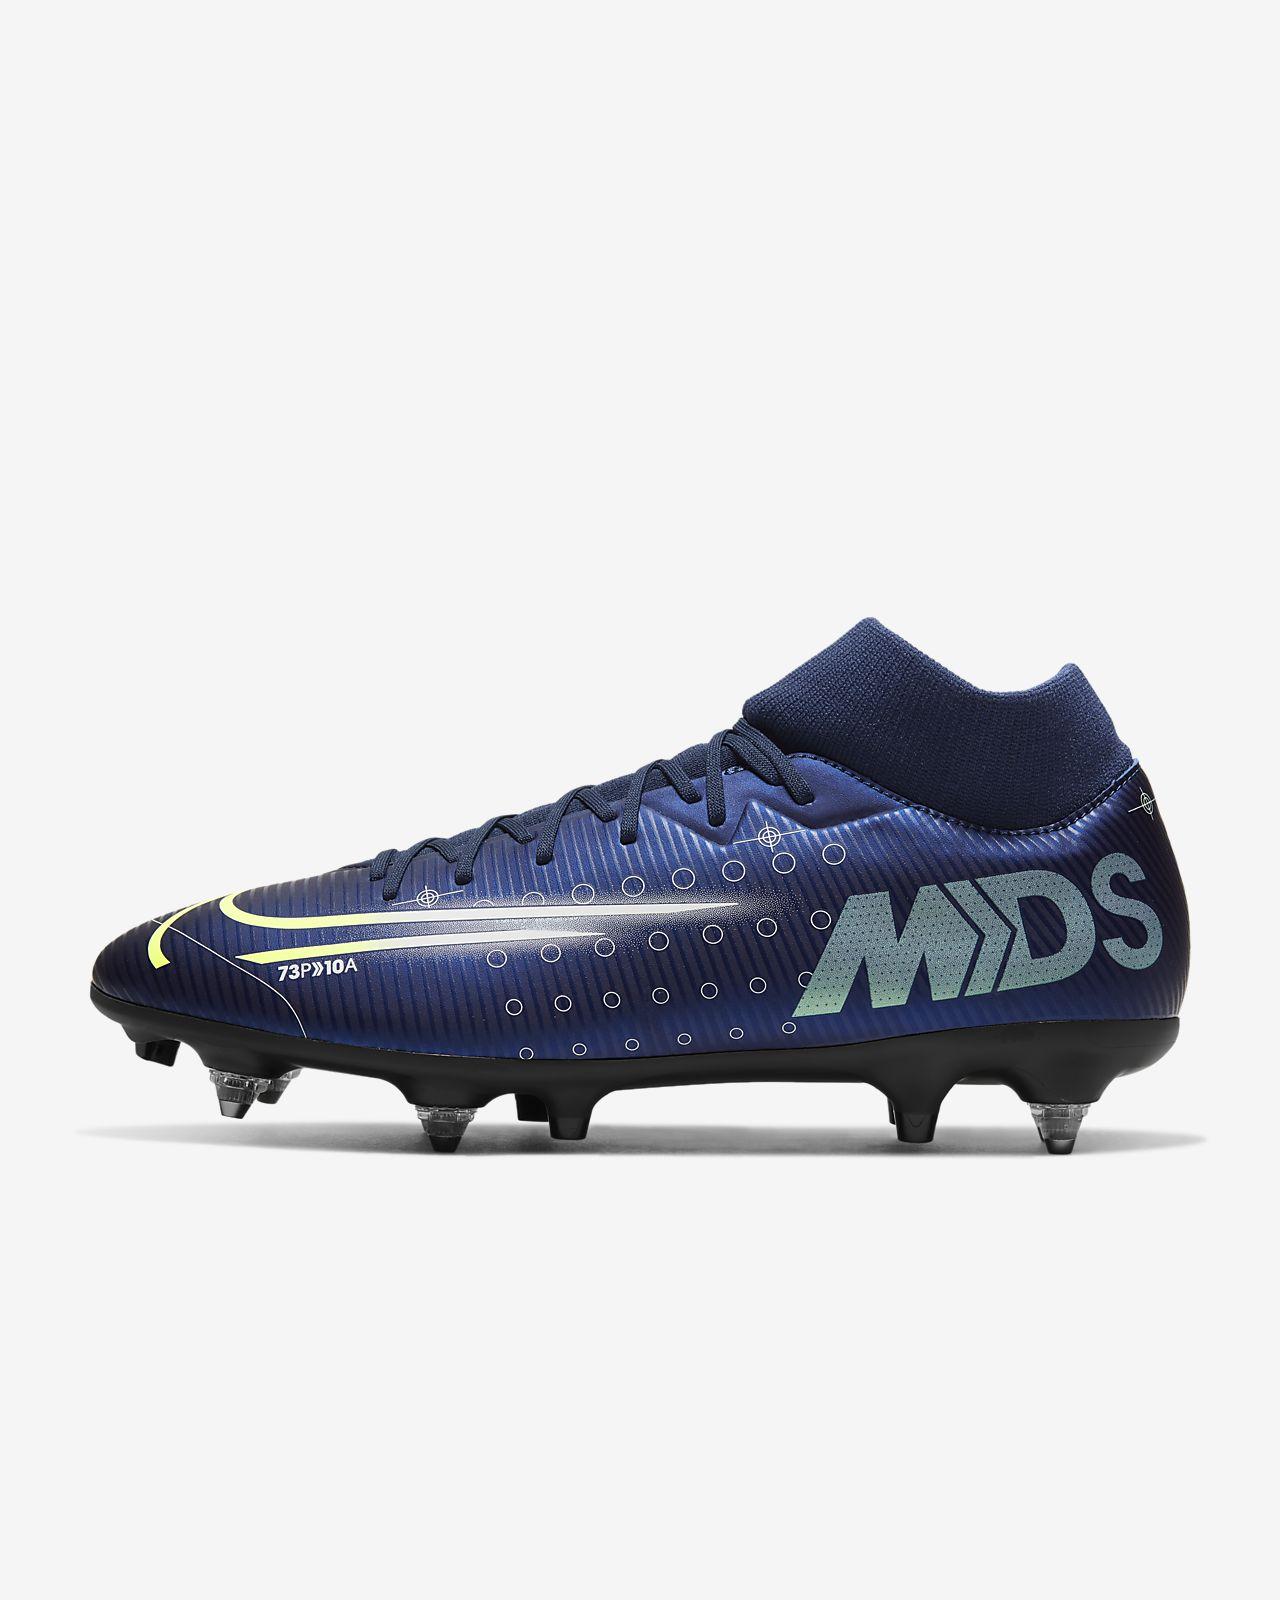 Nike Mercurial Superfly 7 Academy MDS SG-PRO Anti-Clog Traction Botas de fútbol para terreno blando